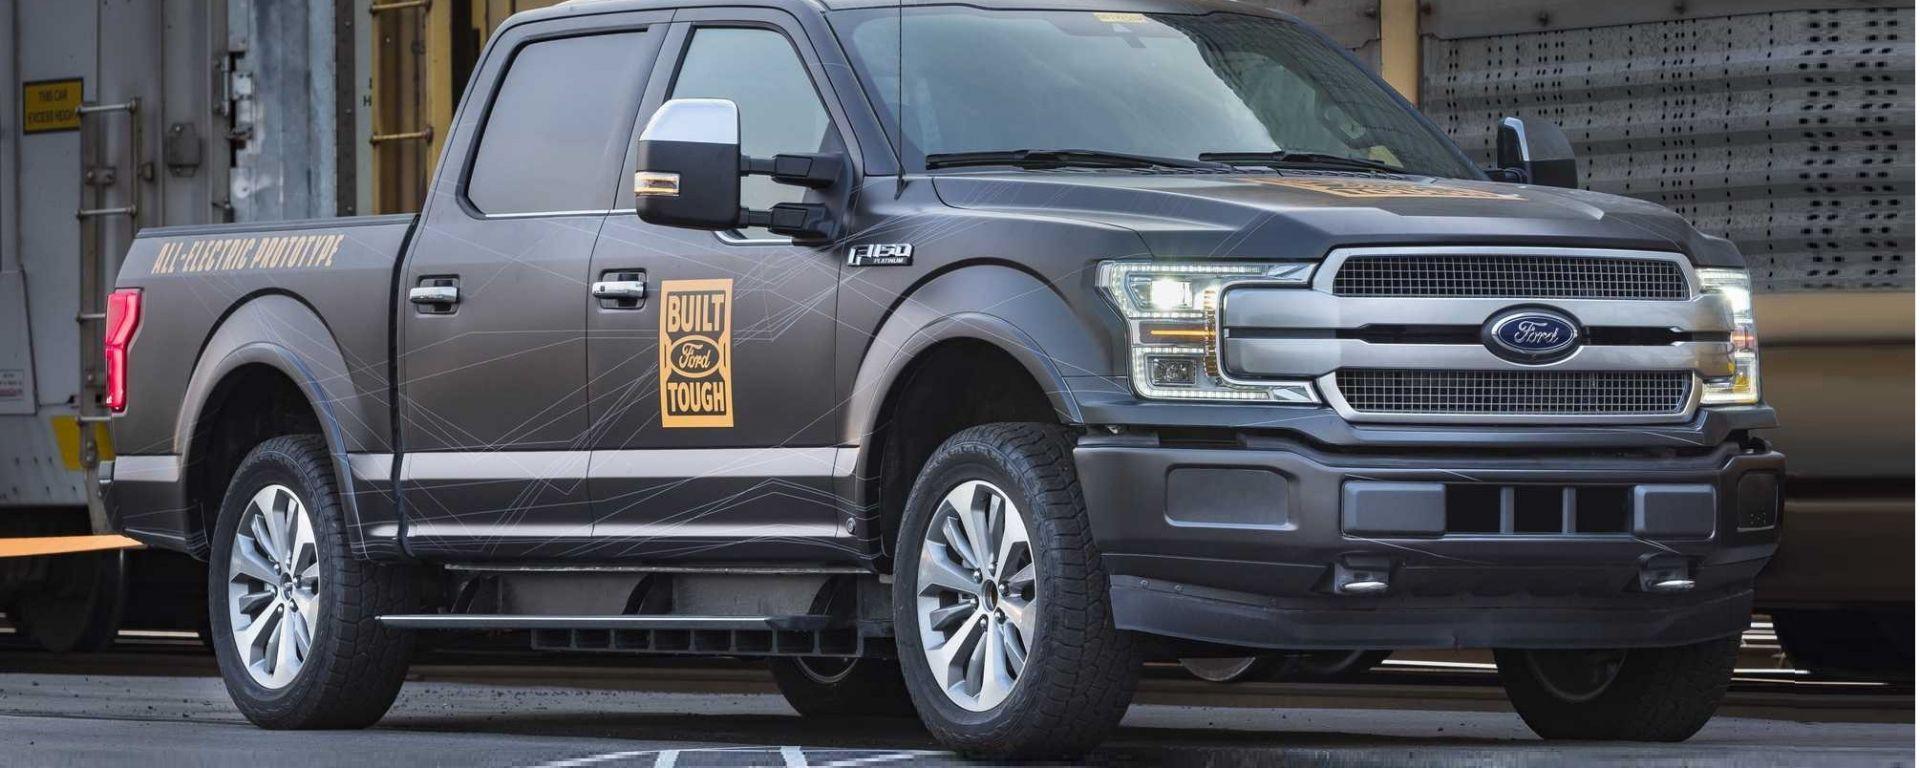 Ford F150 Elettrico: il pick-up traina 10 vagoni ferroviari